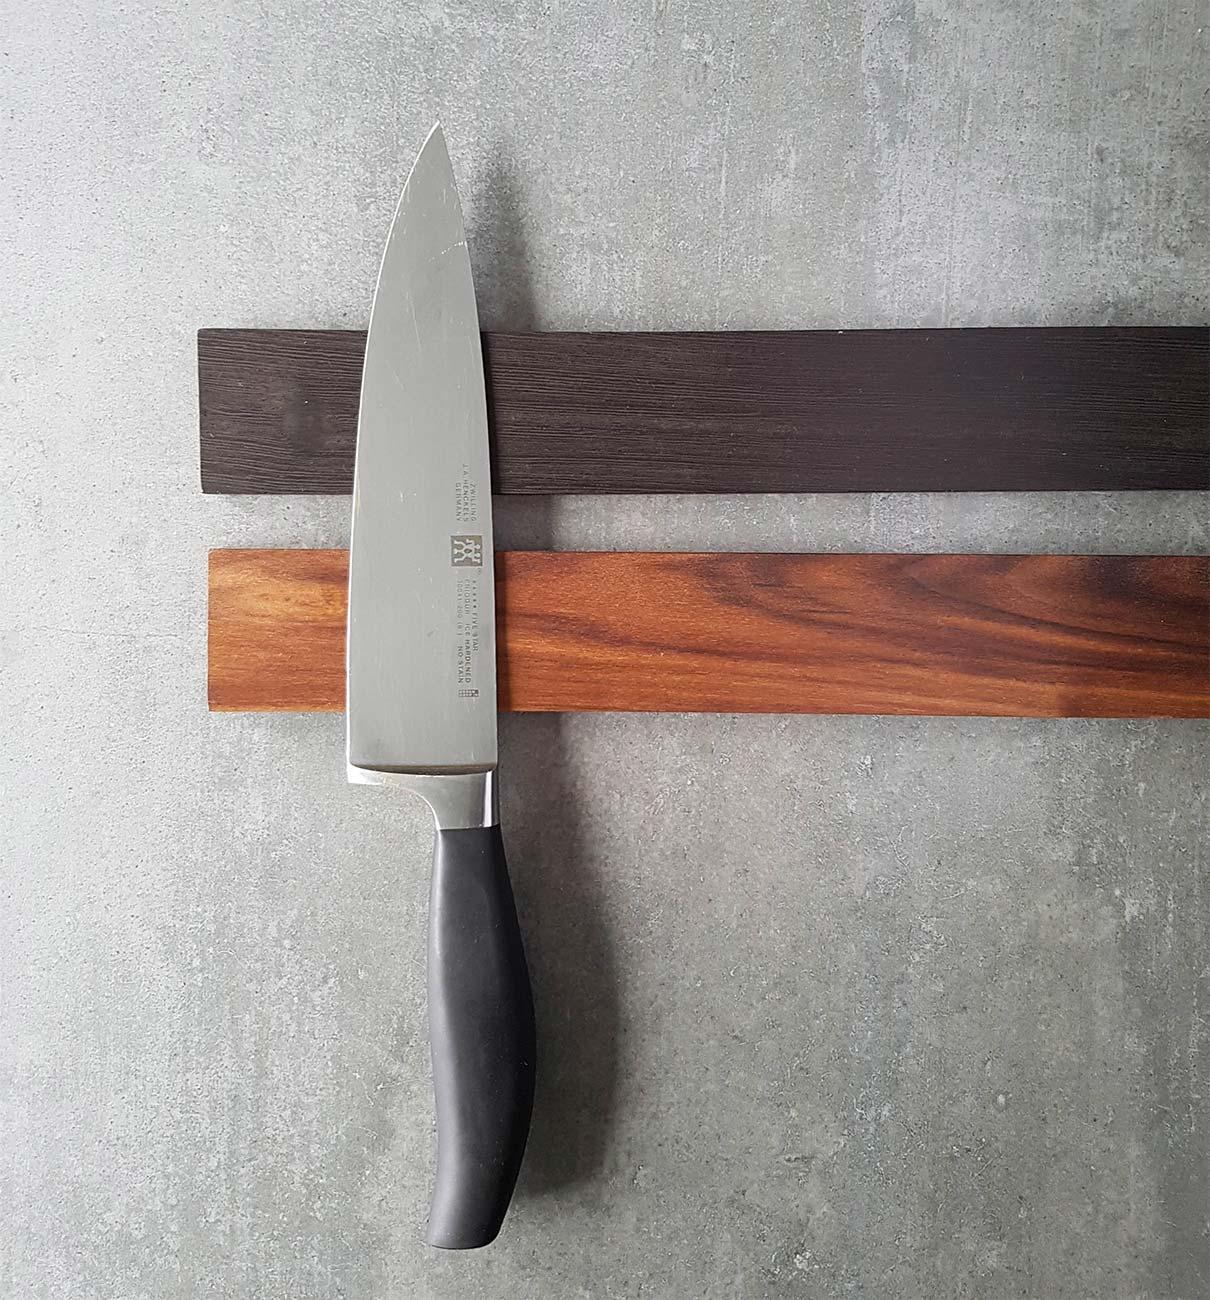 knivmagneter